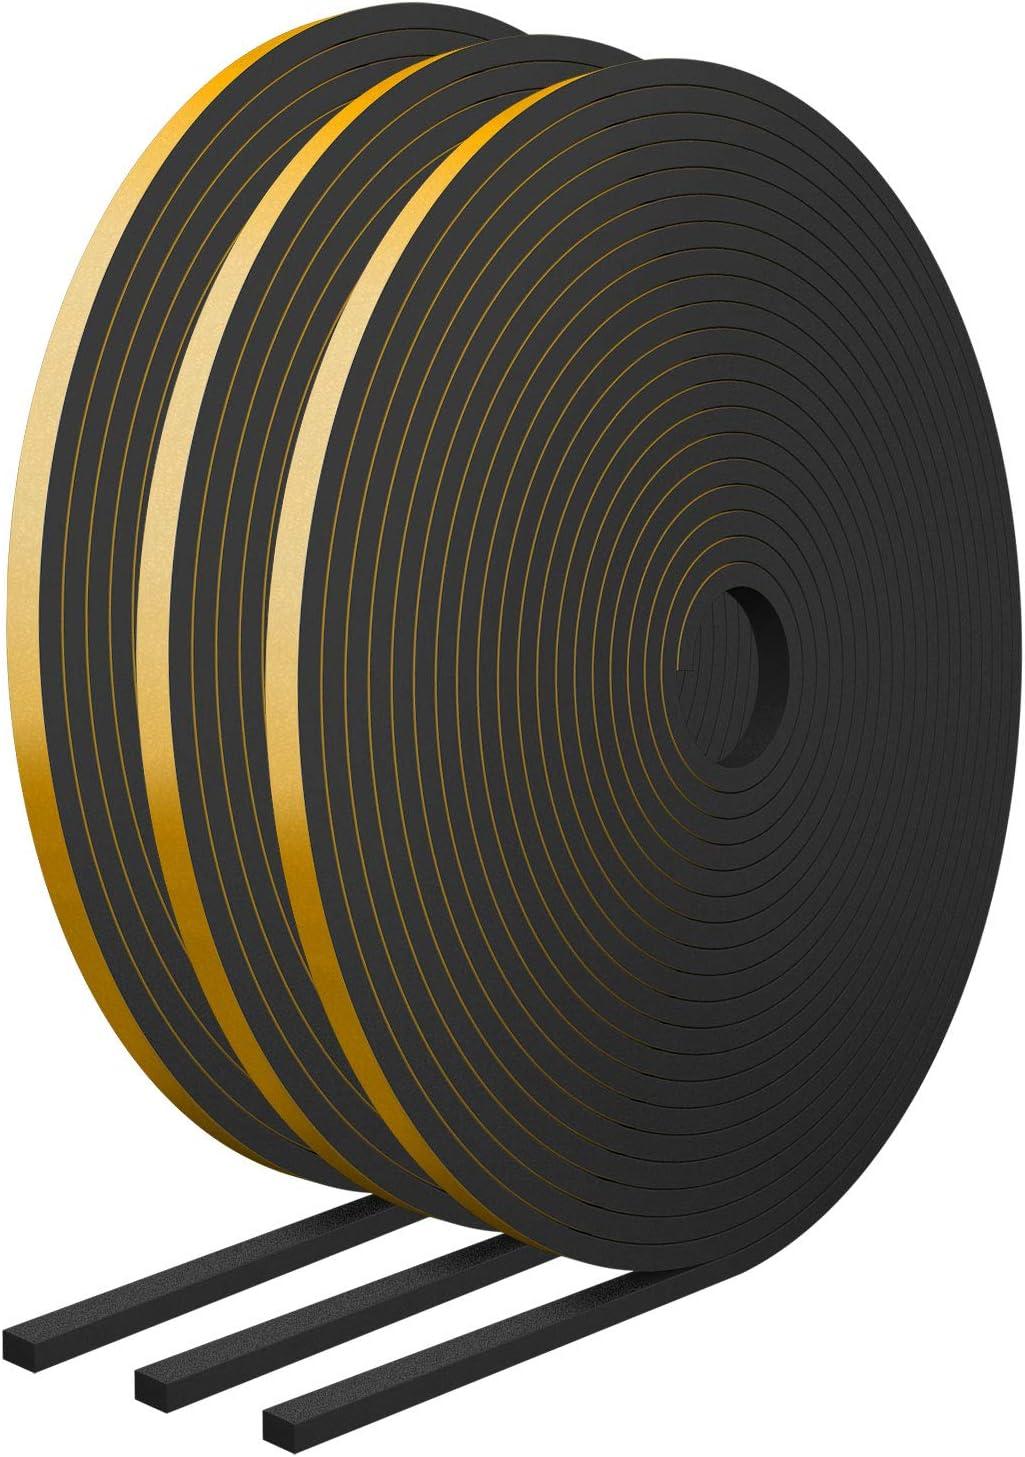 RATEL Tira de Sellado Junta 6 mm (W) * 3 mm (H) * 18 m (L) con Tijeras * 1, Tiras de Sellado Autoadhesivas Anticolisión y Aislamiento Acústico para Grietas y Espacios (Negro)